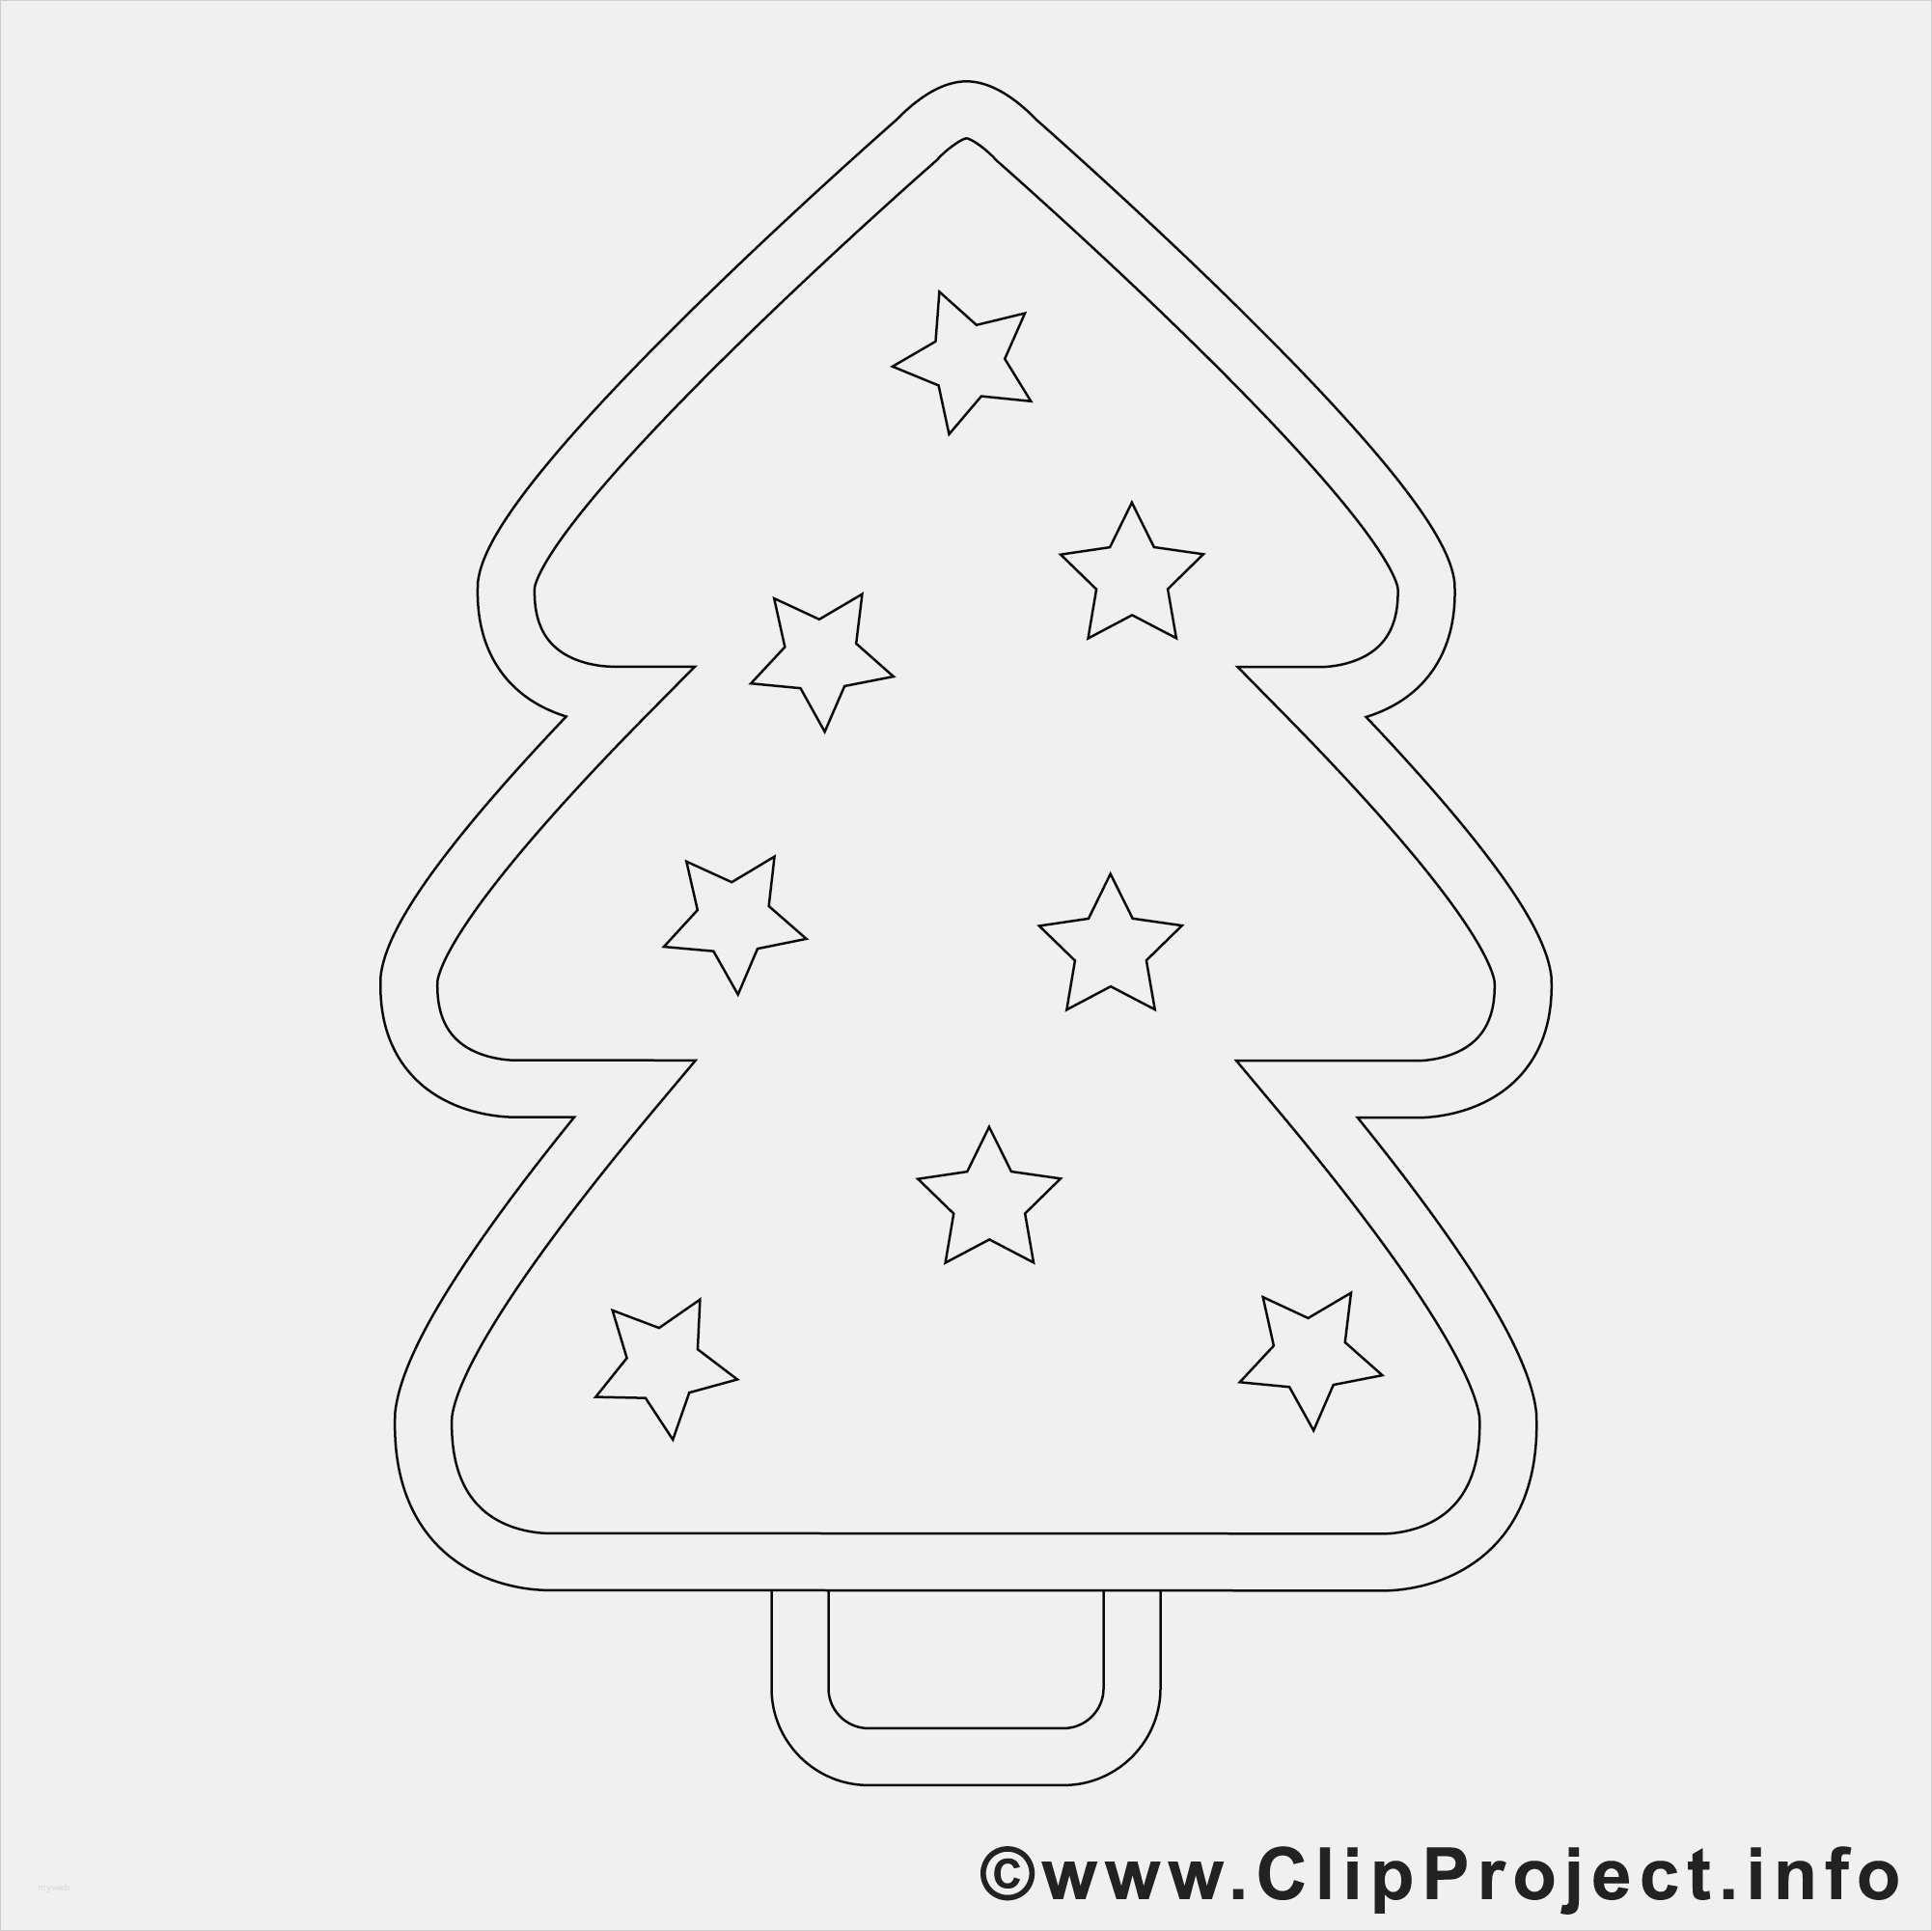 Malvorlagen Weihnachten Tannenbaum Das Beste Von Weihnachtsbaum Vorlage Zum Ausdrucken Erstaunlich Tannenbaum Bilder